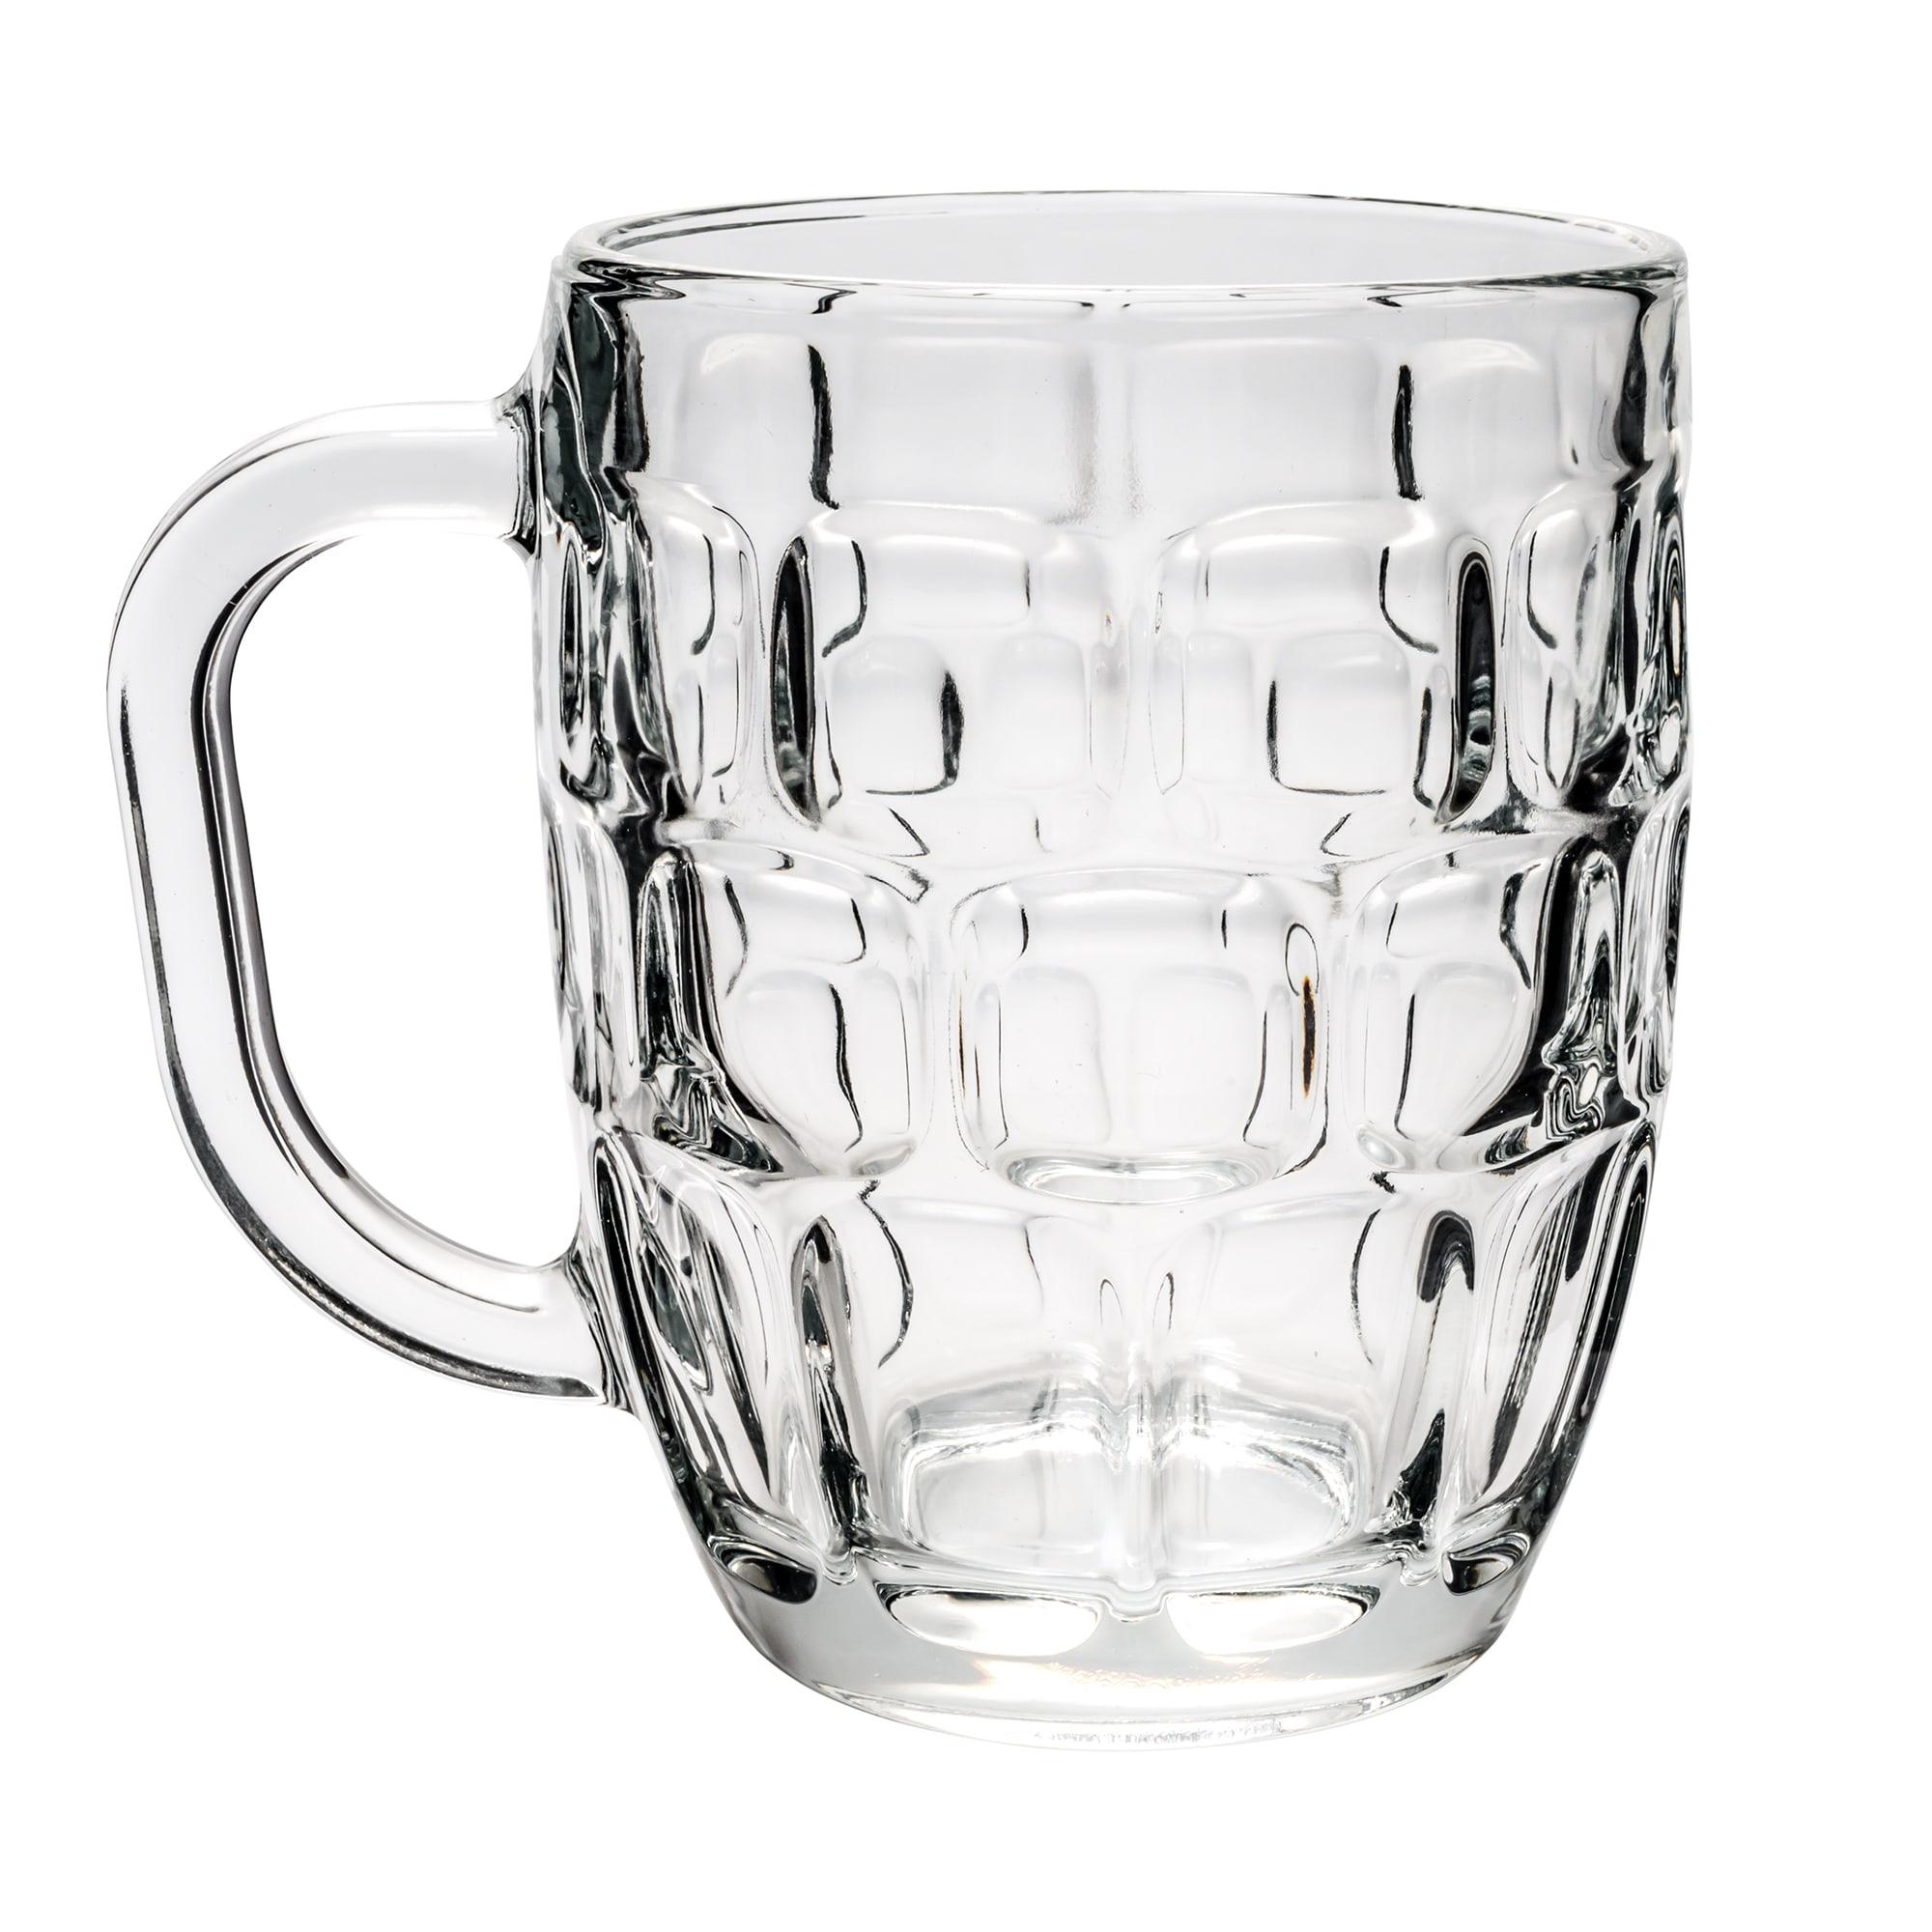 Libbey 5355 19.25 oz Dimple Stein Beer Mug